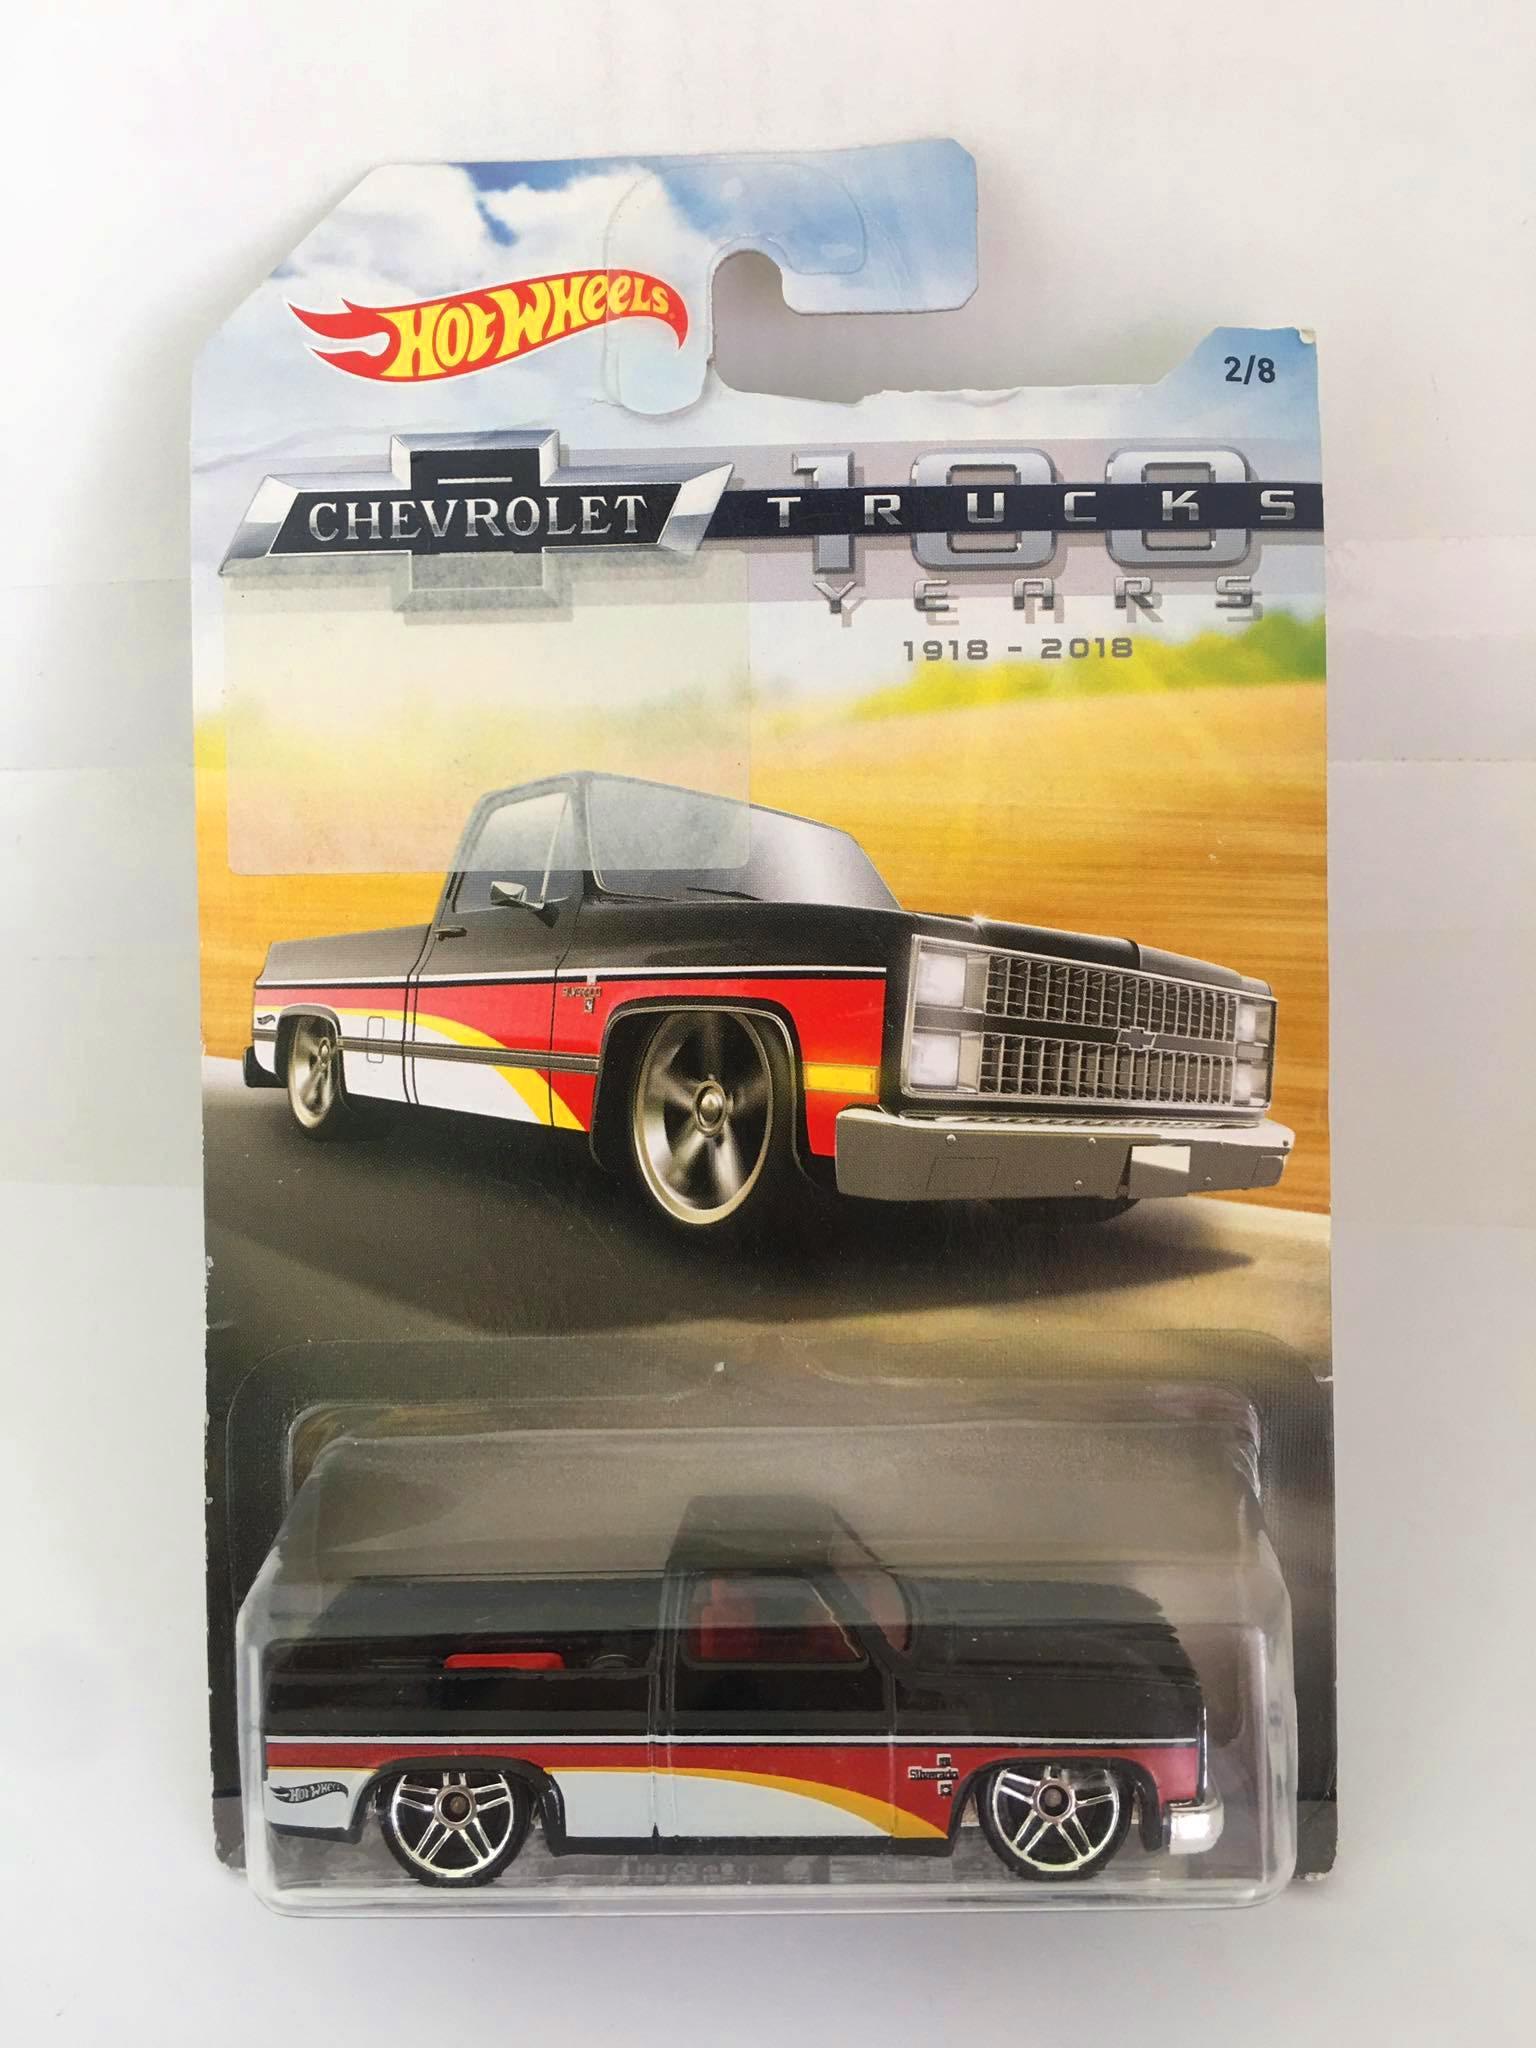 Hot Wheels - 83 Chevy Silverado Preto - Chevrolet / 100 Trucks Years - Walmart Exclusivo - Leia Descrição